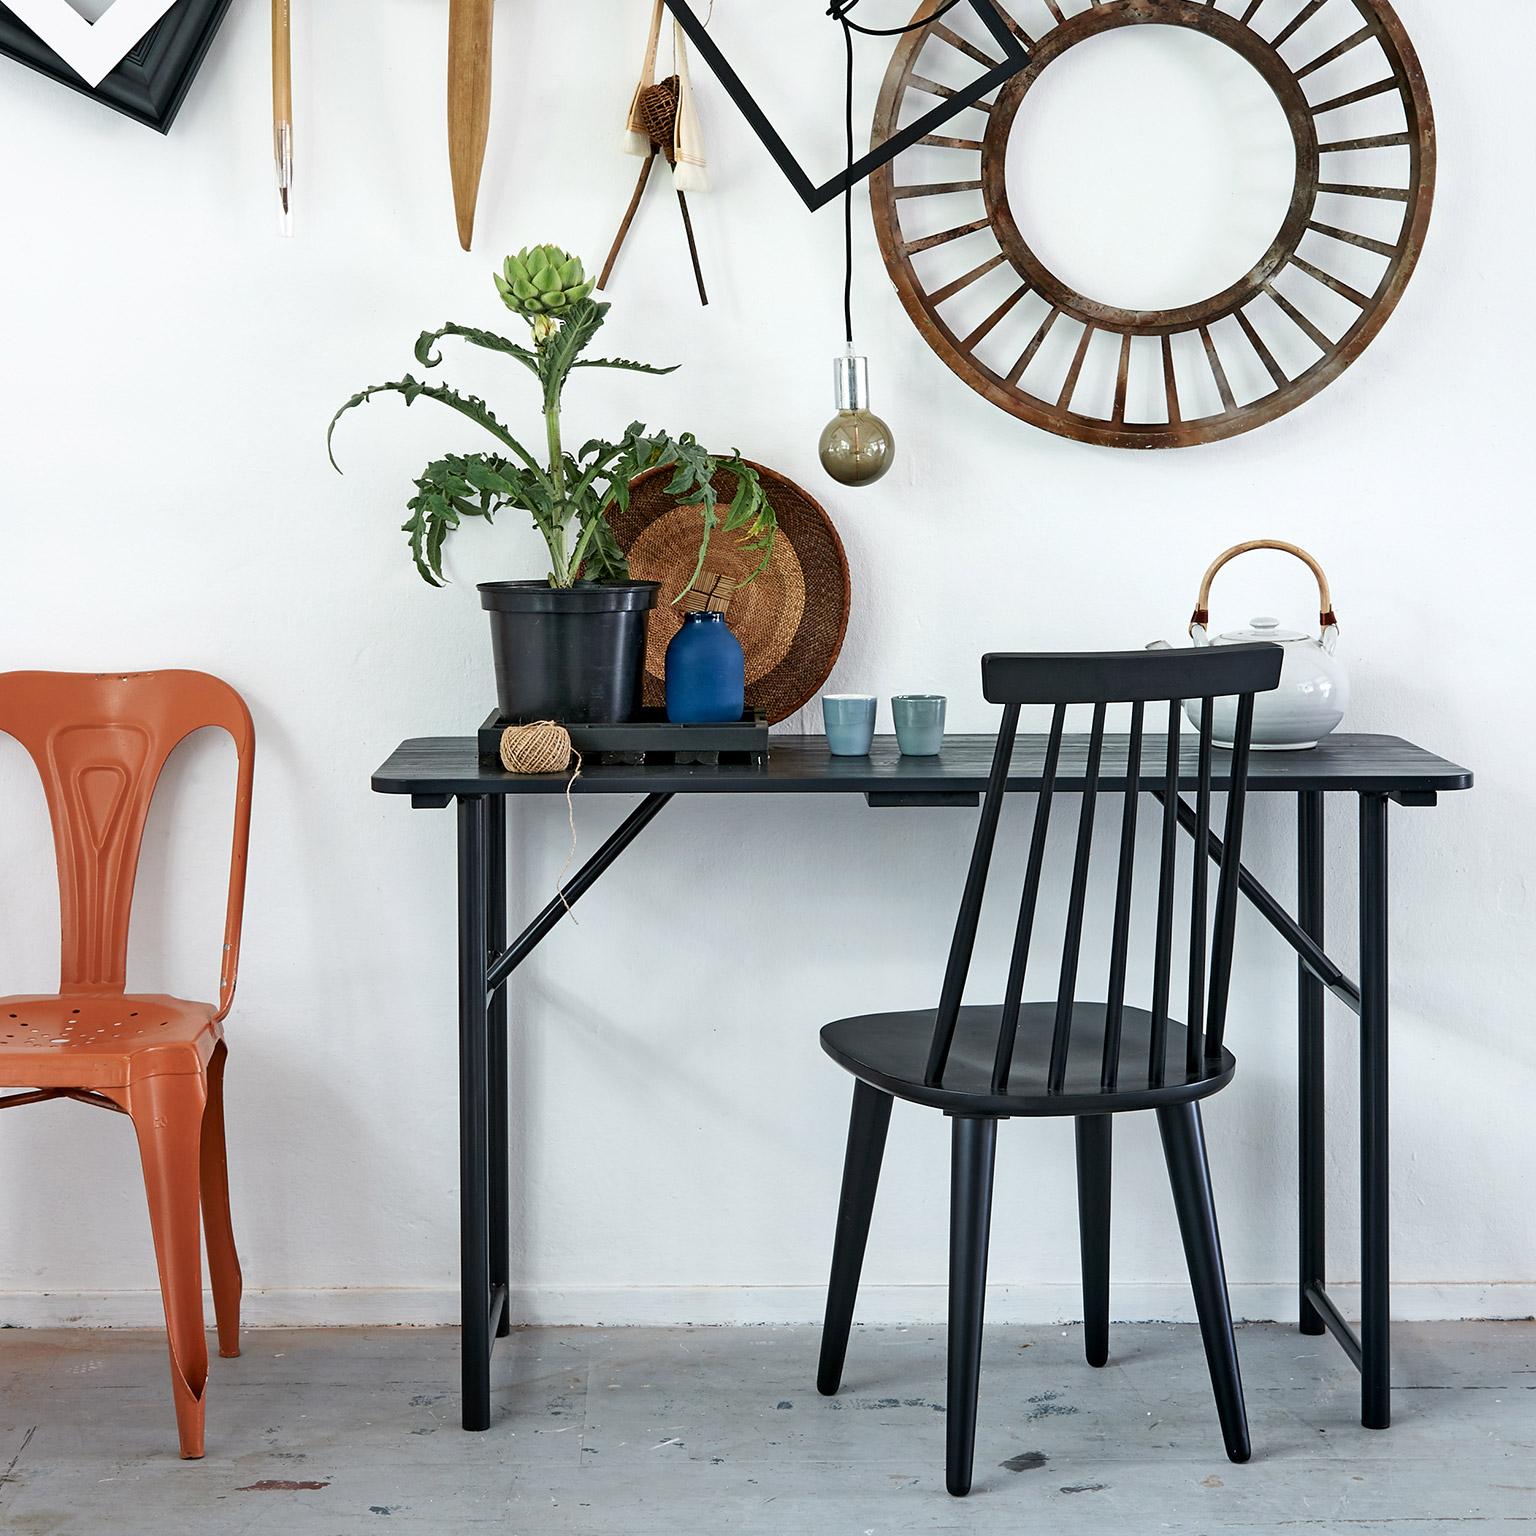 vtwonen Side-table 'Board' 125cm, kleur zwart kopen